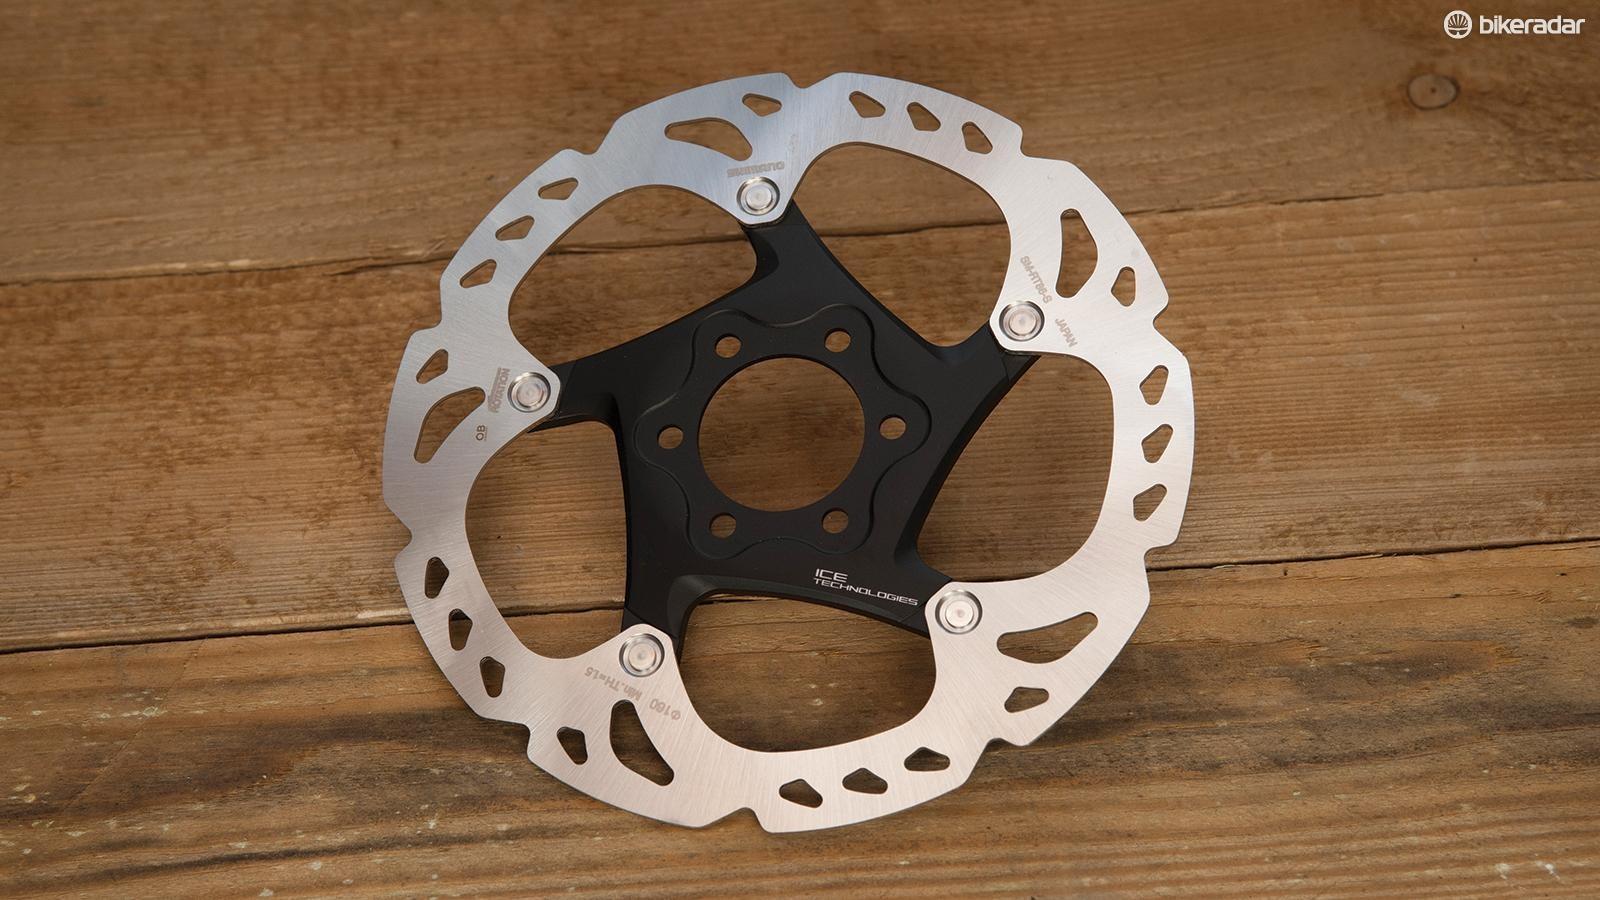 The Best Disc Brake Rotors Bikeradar